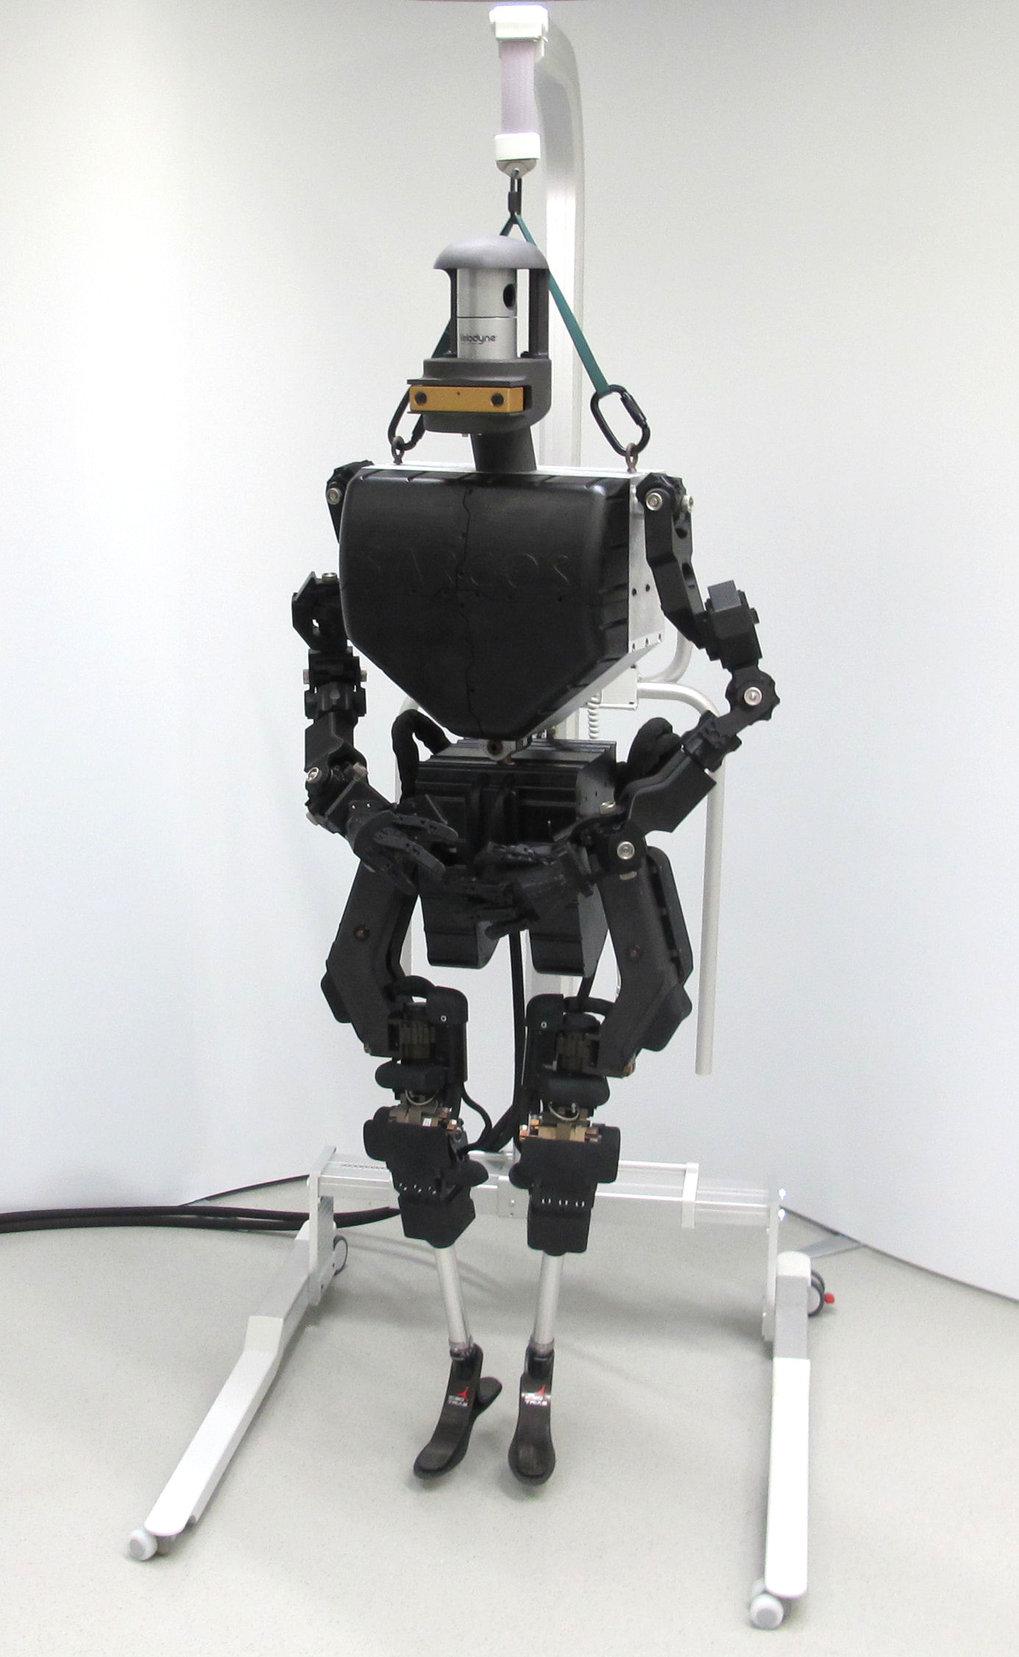 <p><strong>Abb. 1:</strong> Der humanoide Roboter Athena ist 1,88 m groß. Mit nuretwa 50 kg ist er besonders für hochdynamische Beweg